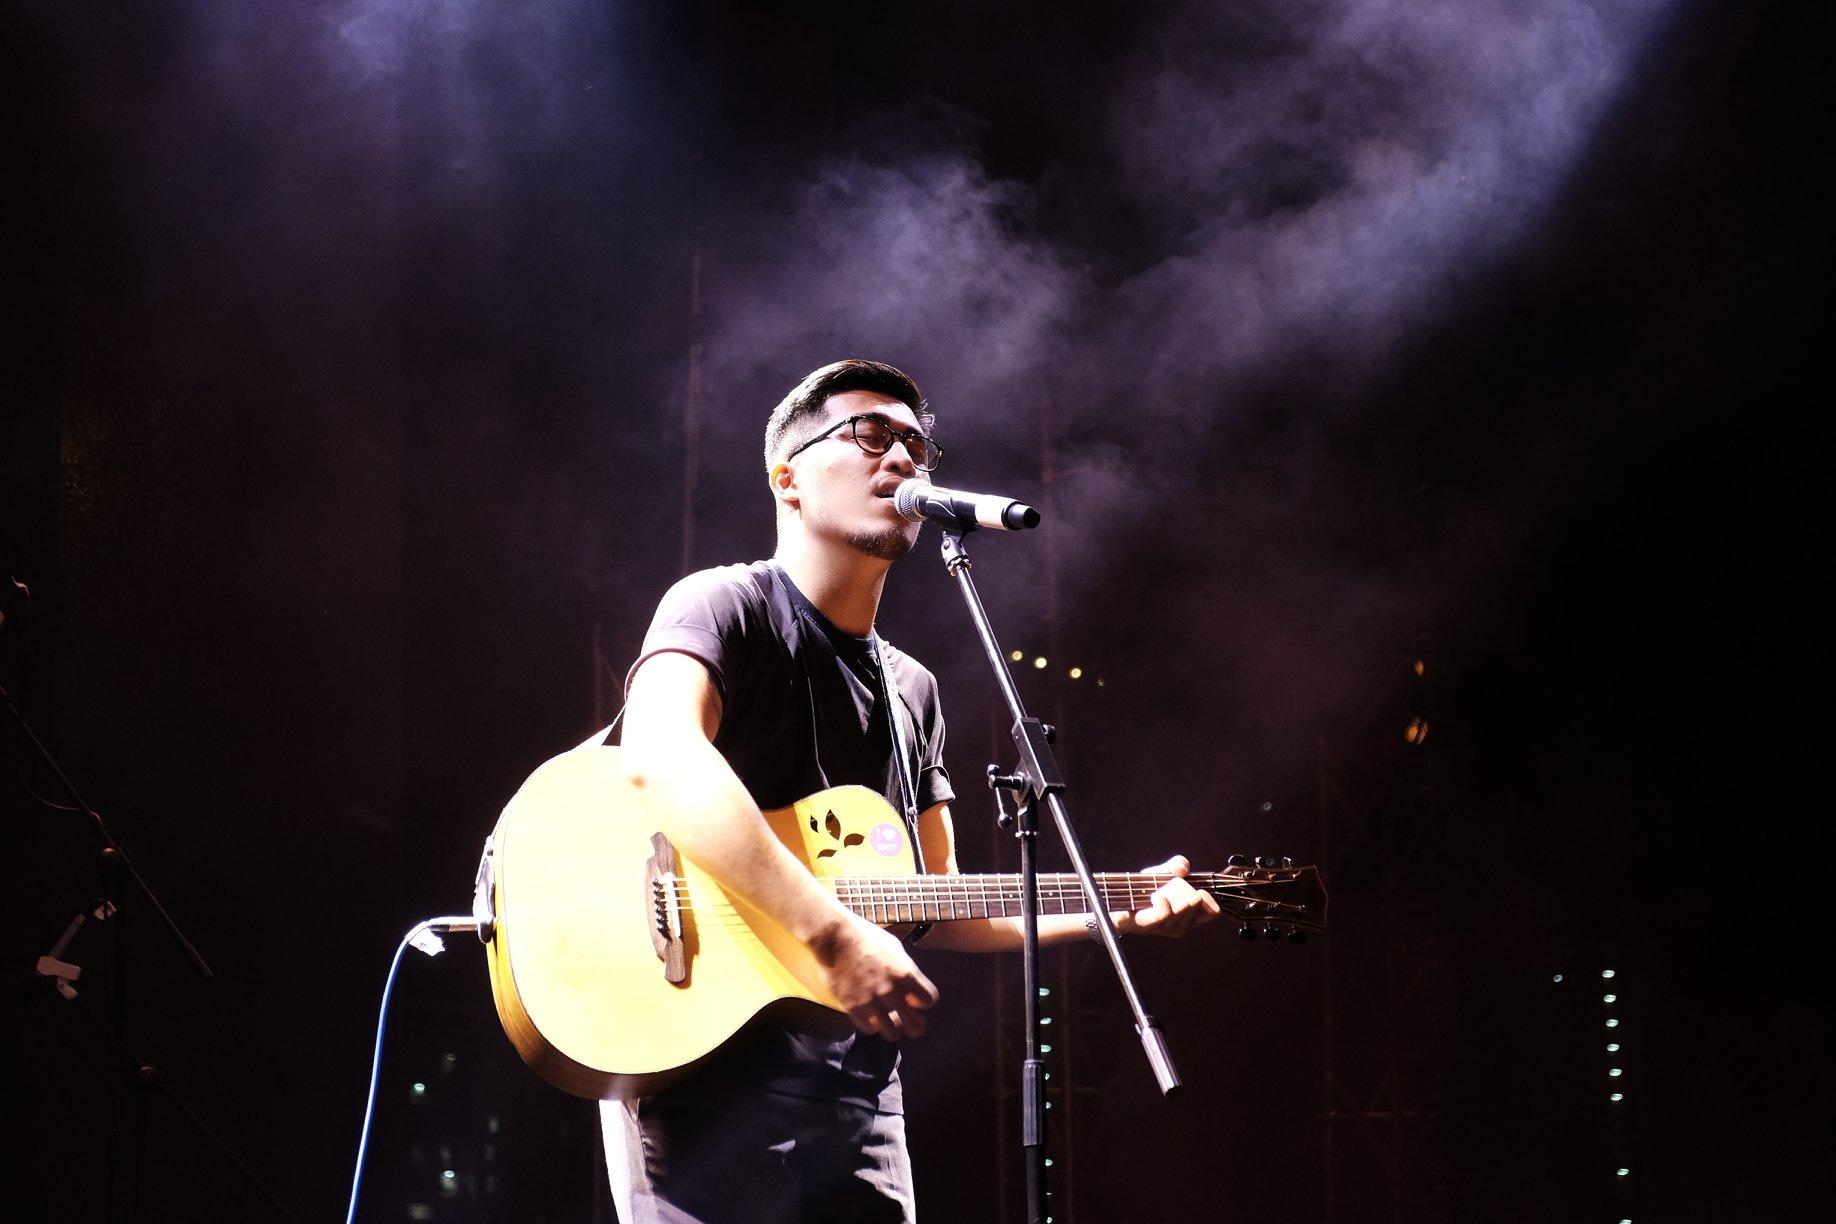 Dàn nghệ sĩ Indie - Underground đình đám hội tụ đại tiệc âm nhạc mùa hè: Đen Vâu sẽ thể hiện collab cùng Ngọt hay hoàng tử Vũ. ?